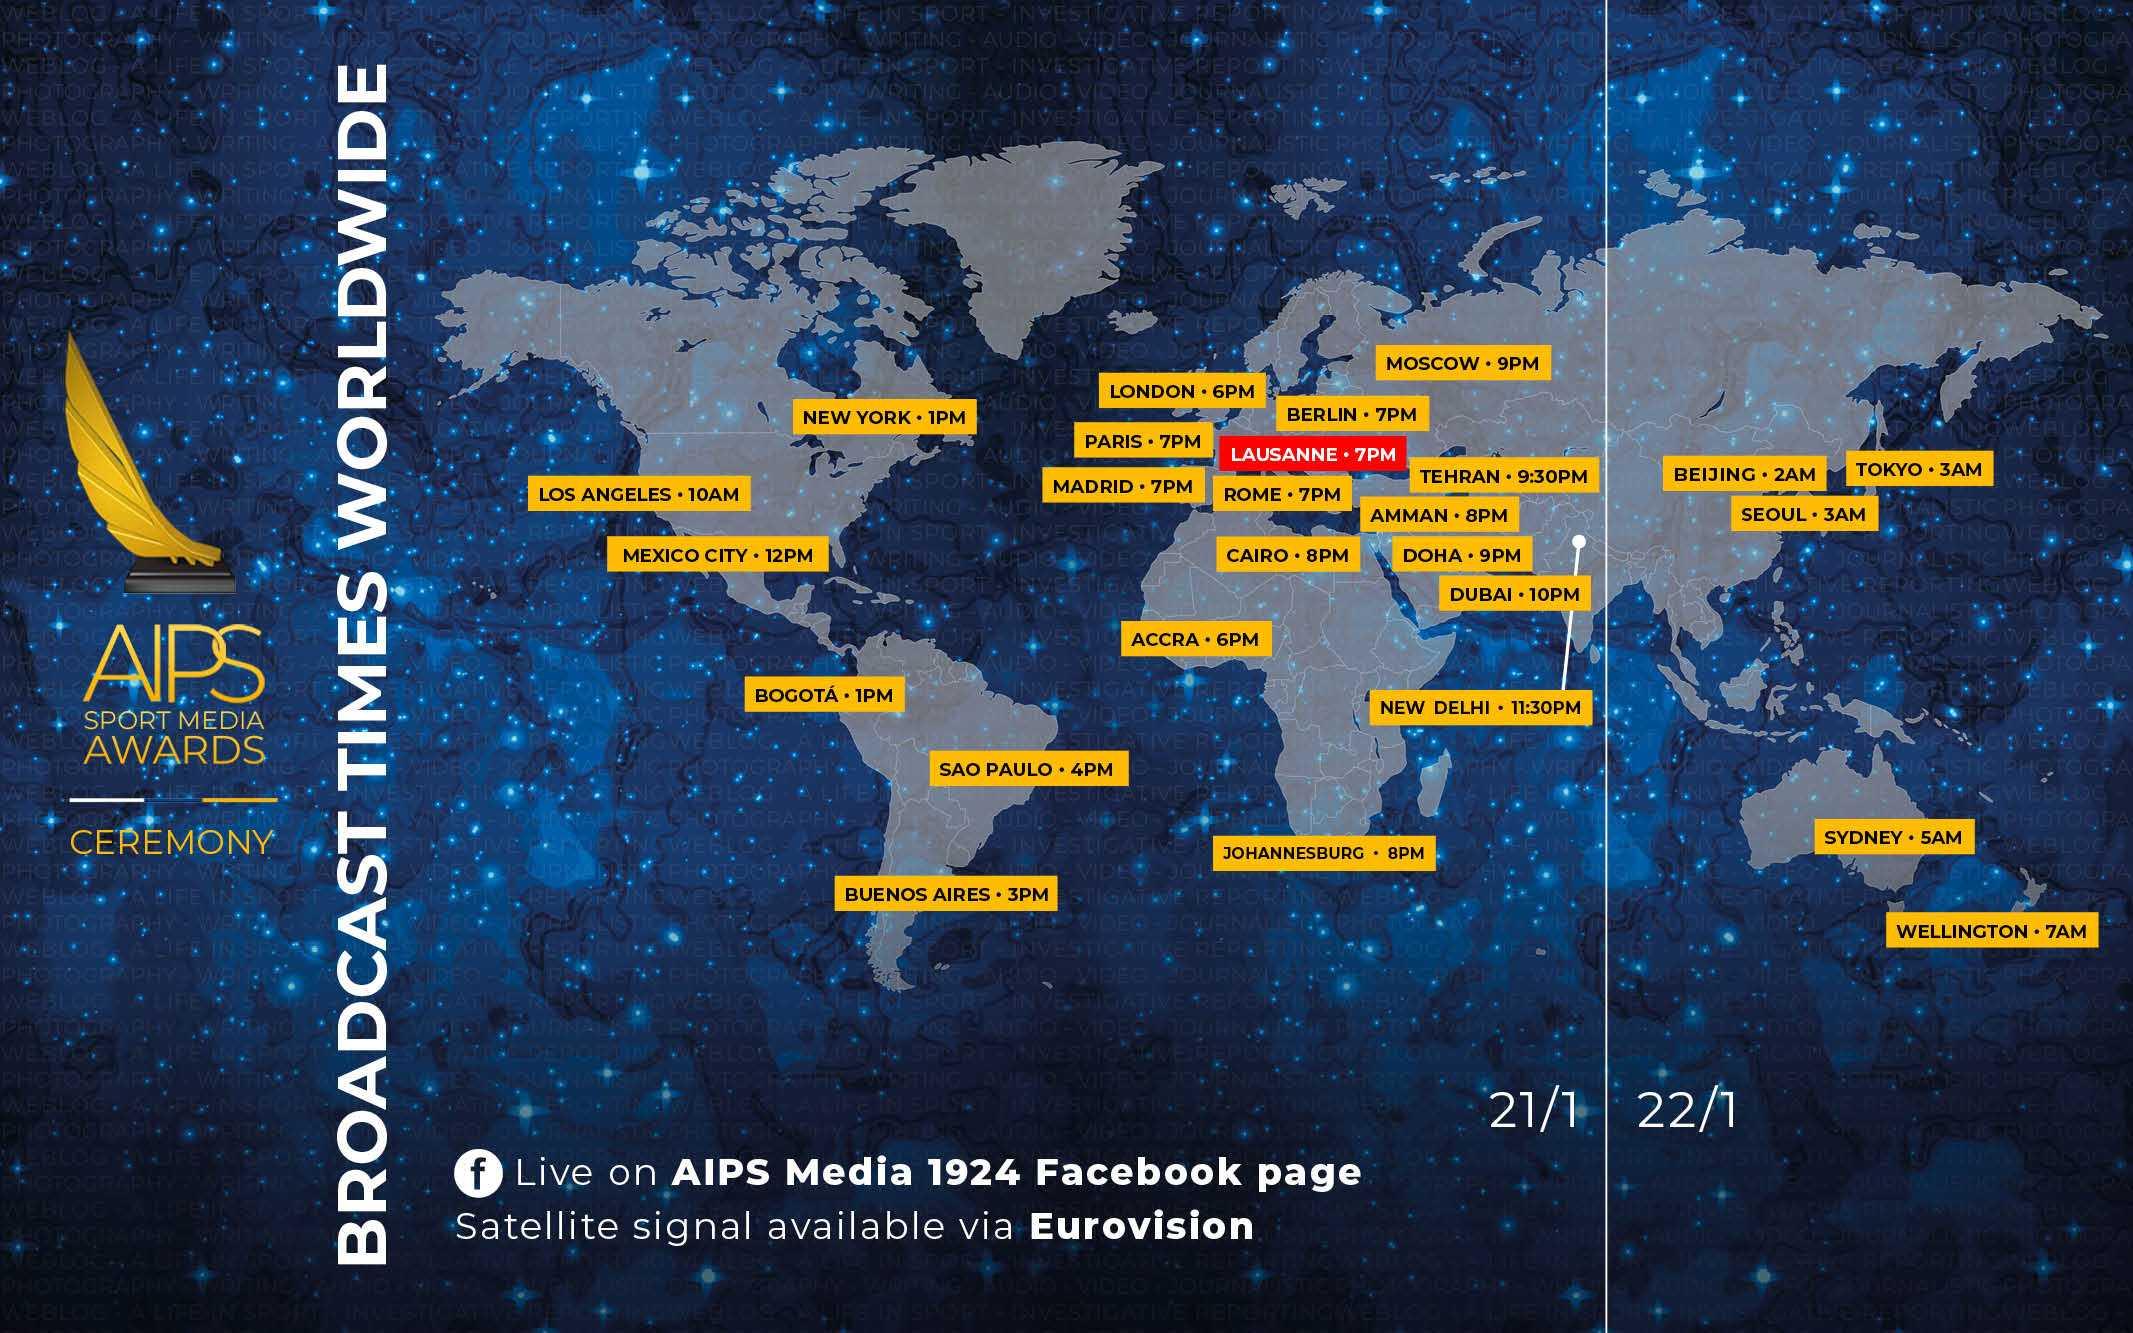 Festivitatea de premiere AIPS Sport Media Awards va fi LIVE pe Facebook!